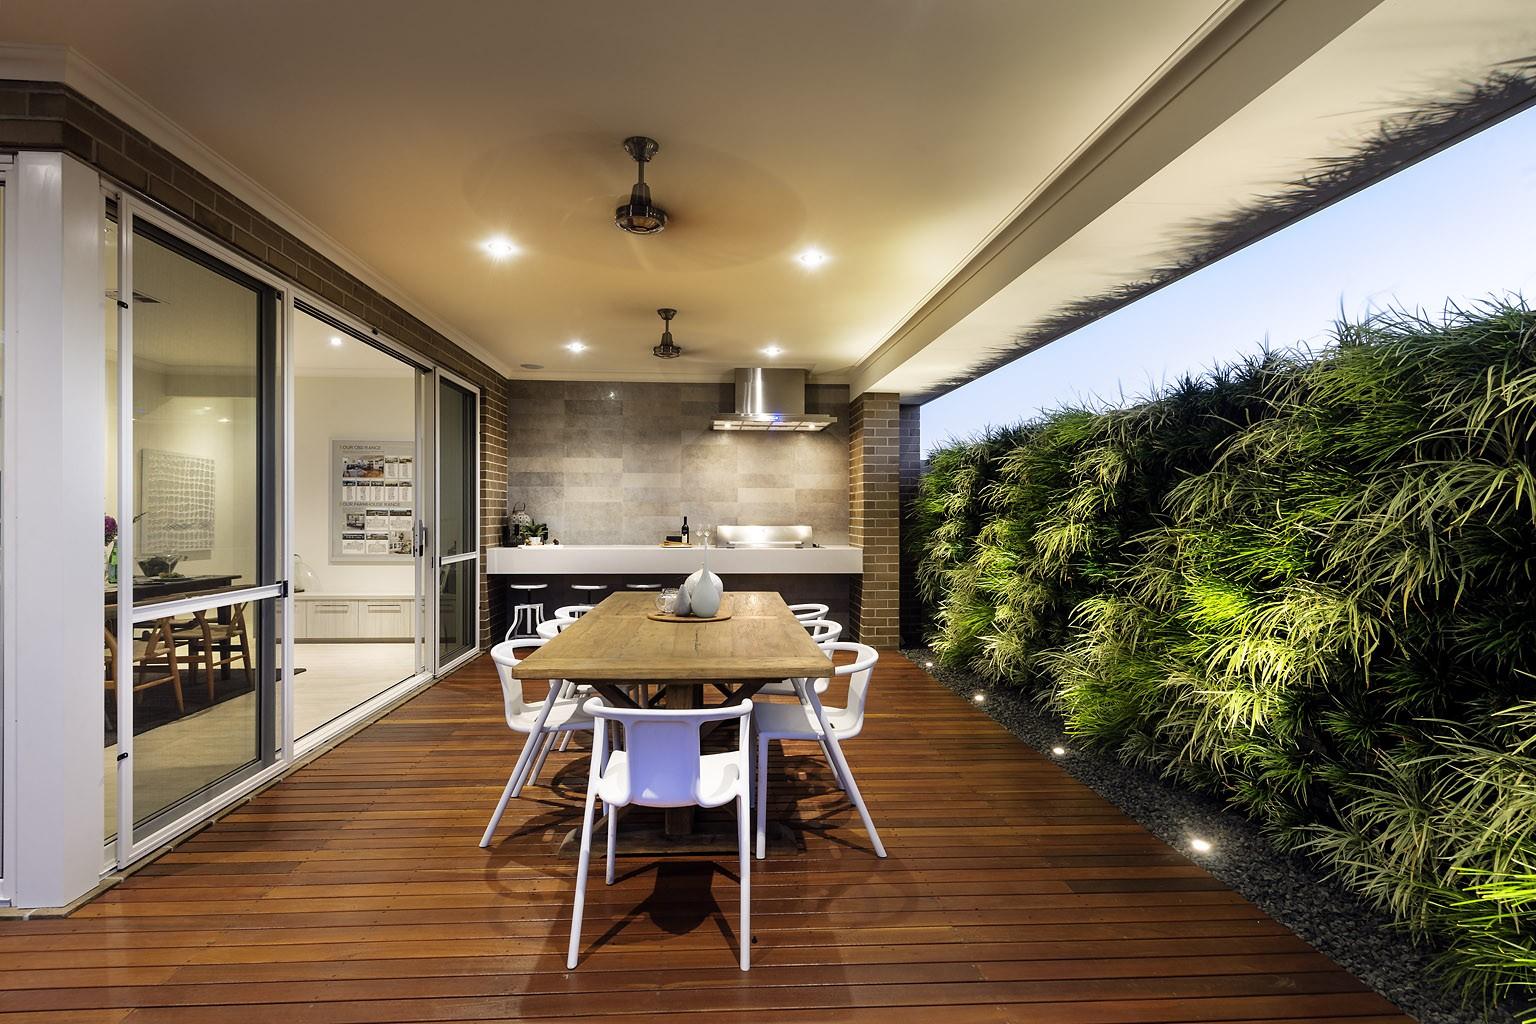 the-vertical-garden-oslo-vertical-garden-20141111003234-546159226dc17